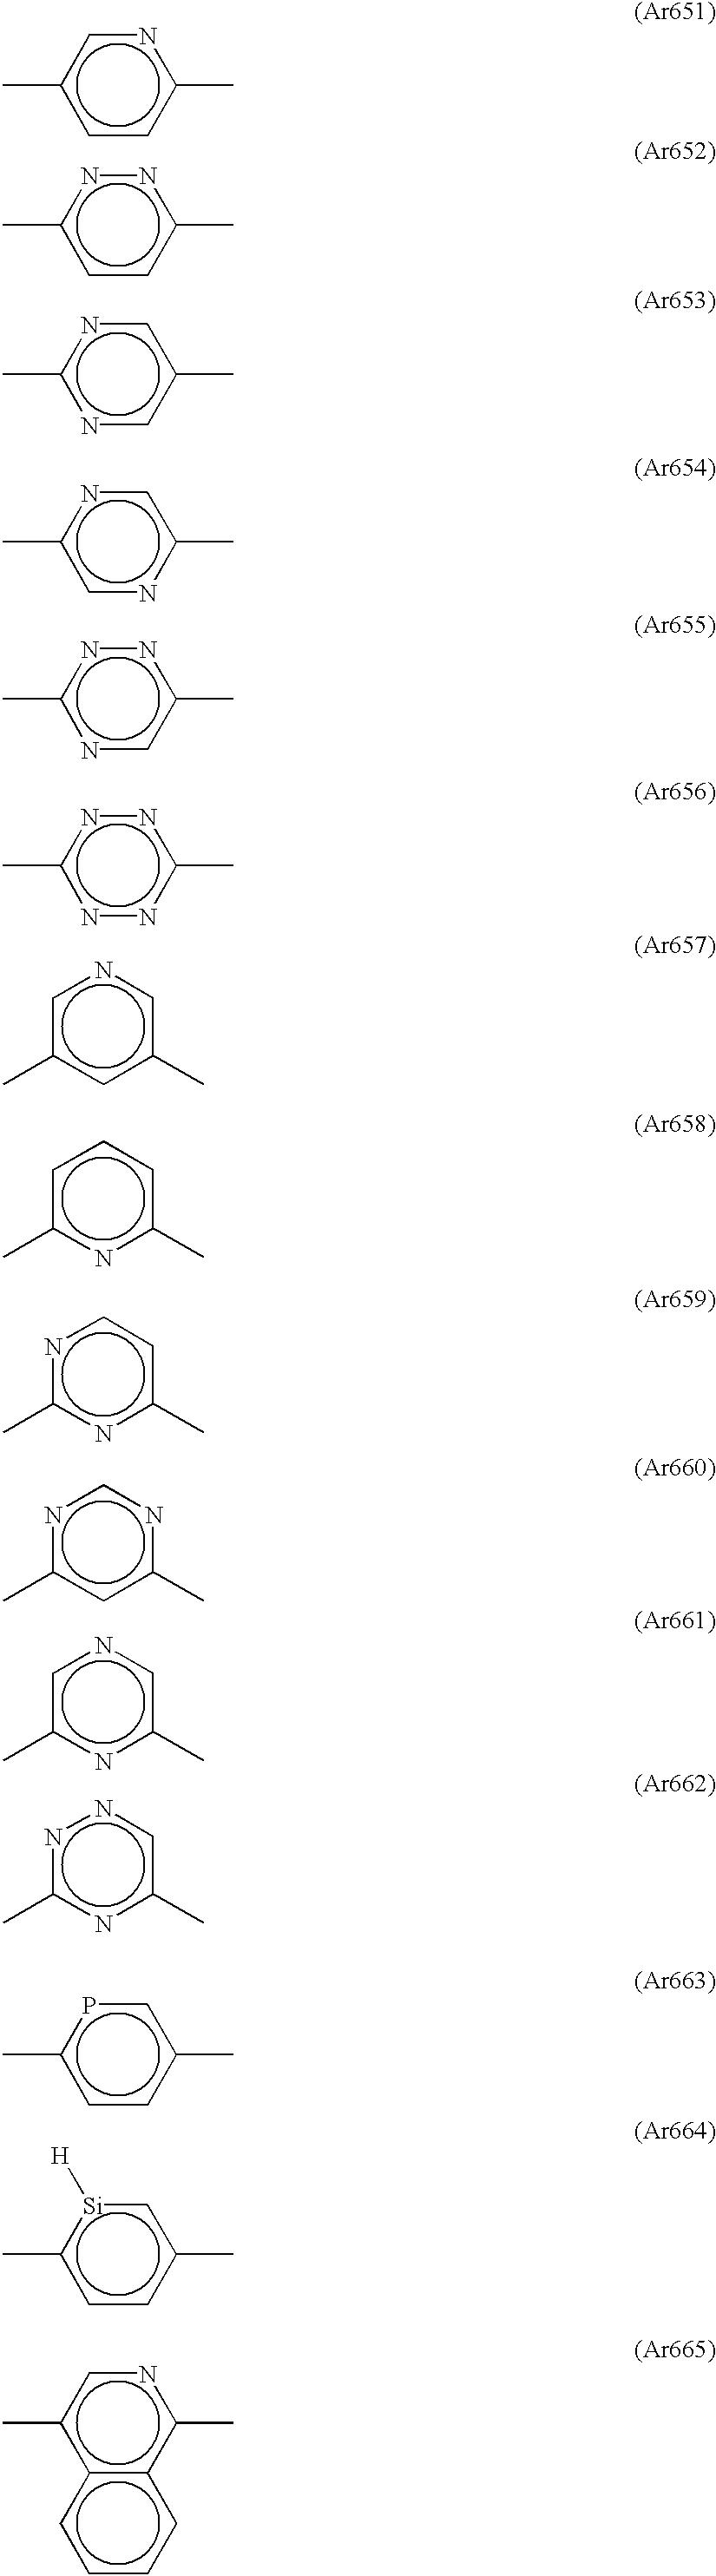 Figure US07128953-20061031-C00009